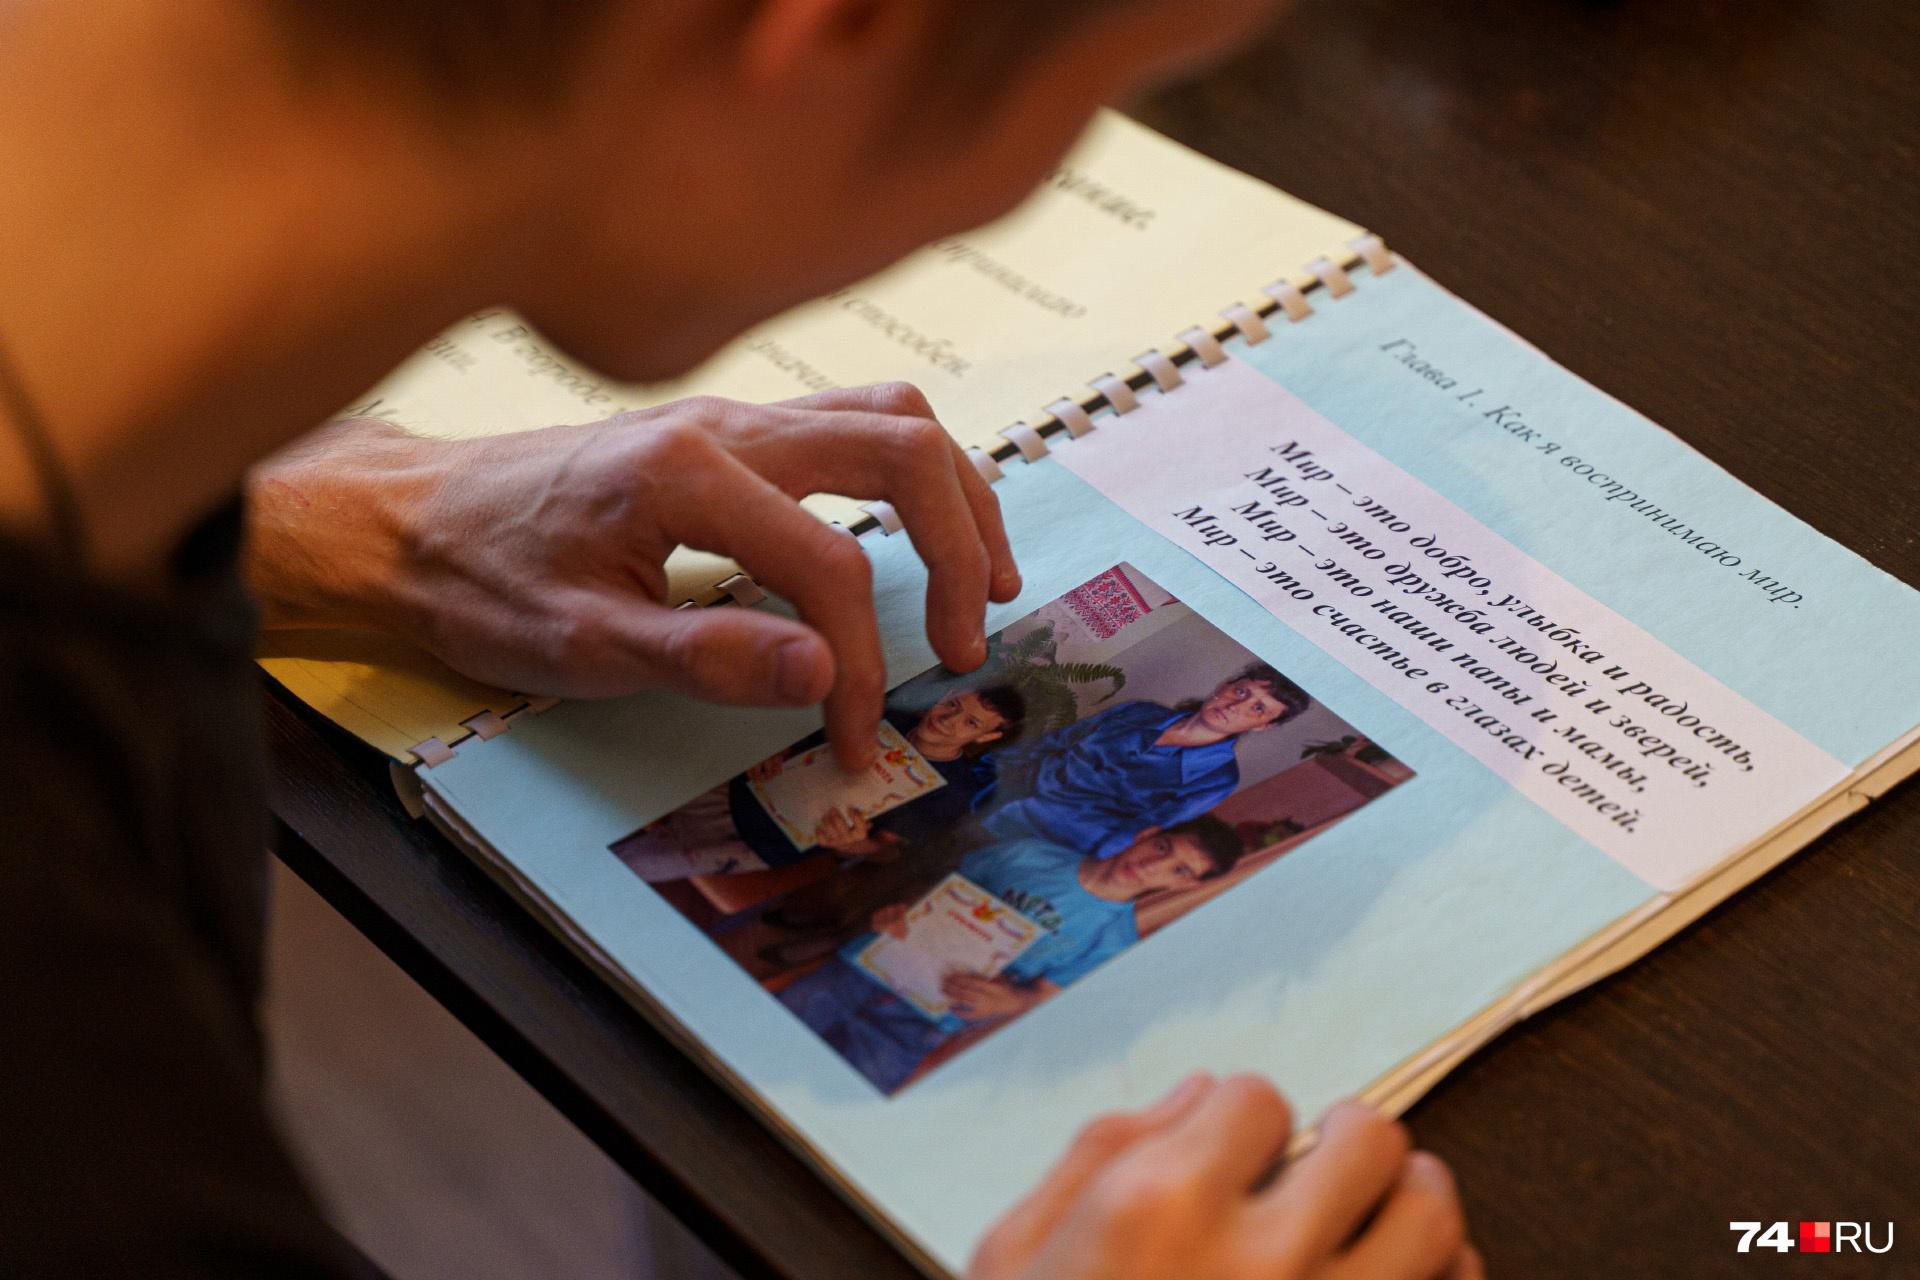 Олег сочиняет стихи, собирать четверостишия для сборника начал еще в детдоме